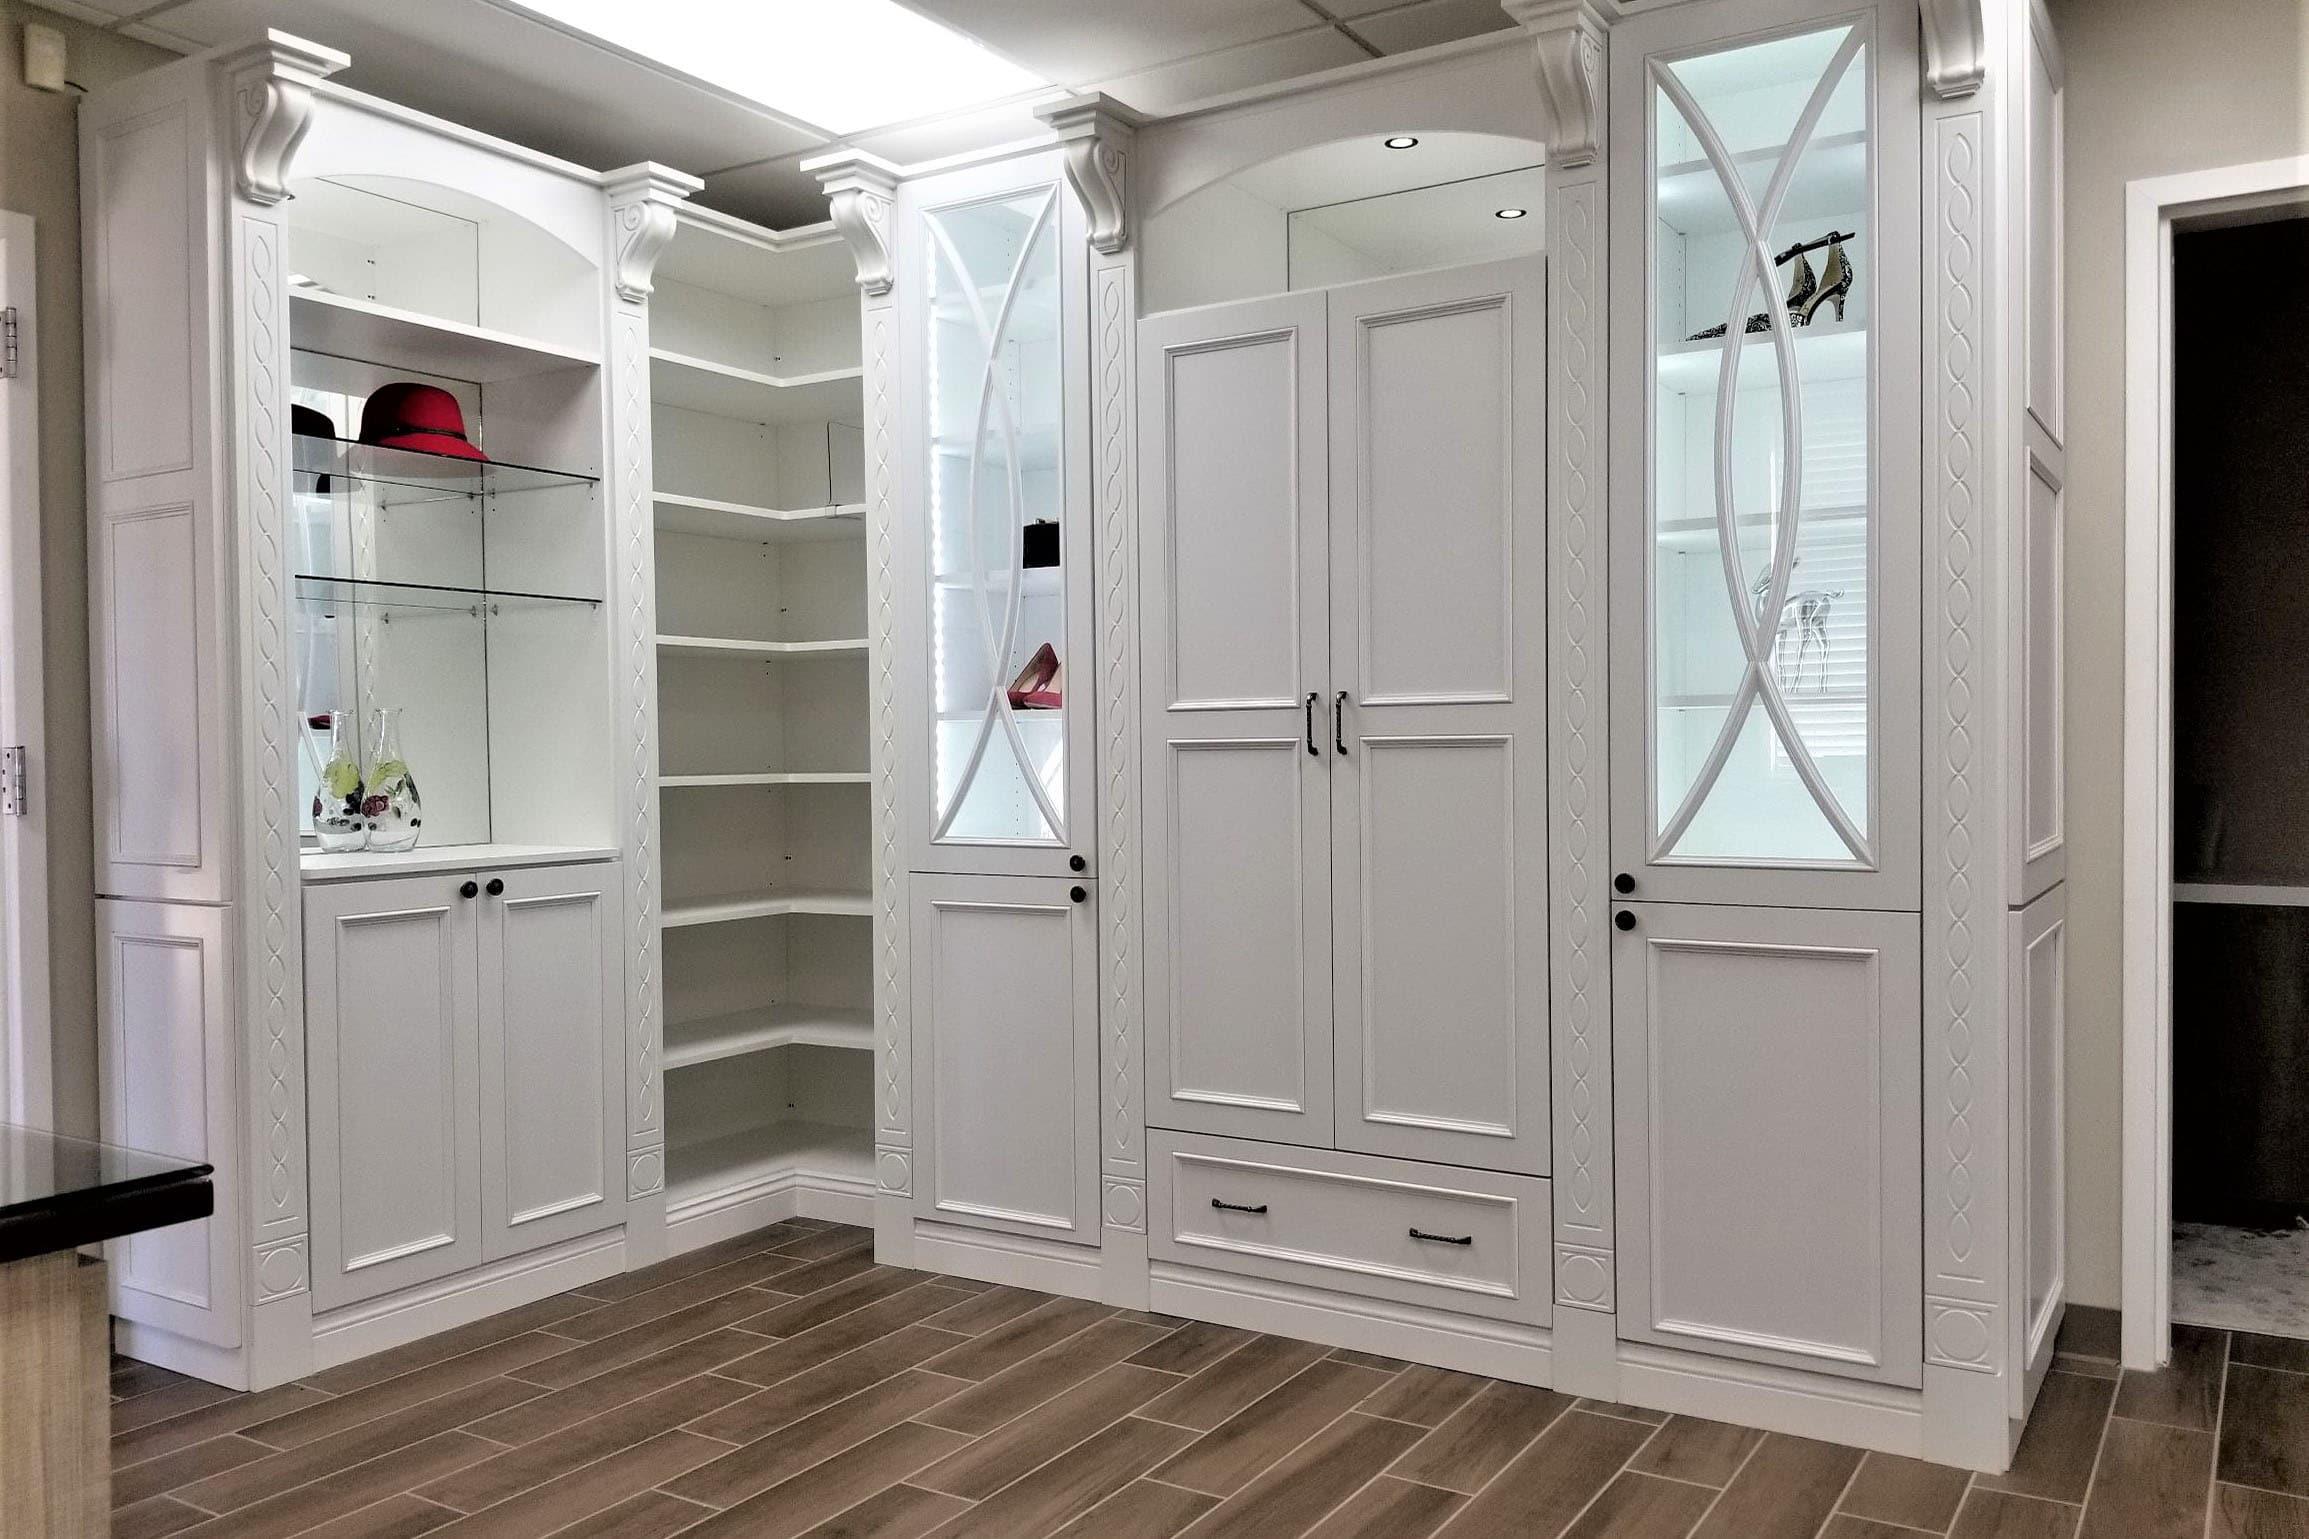 white closet wardobe with glass shelves and luxury molding